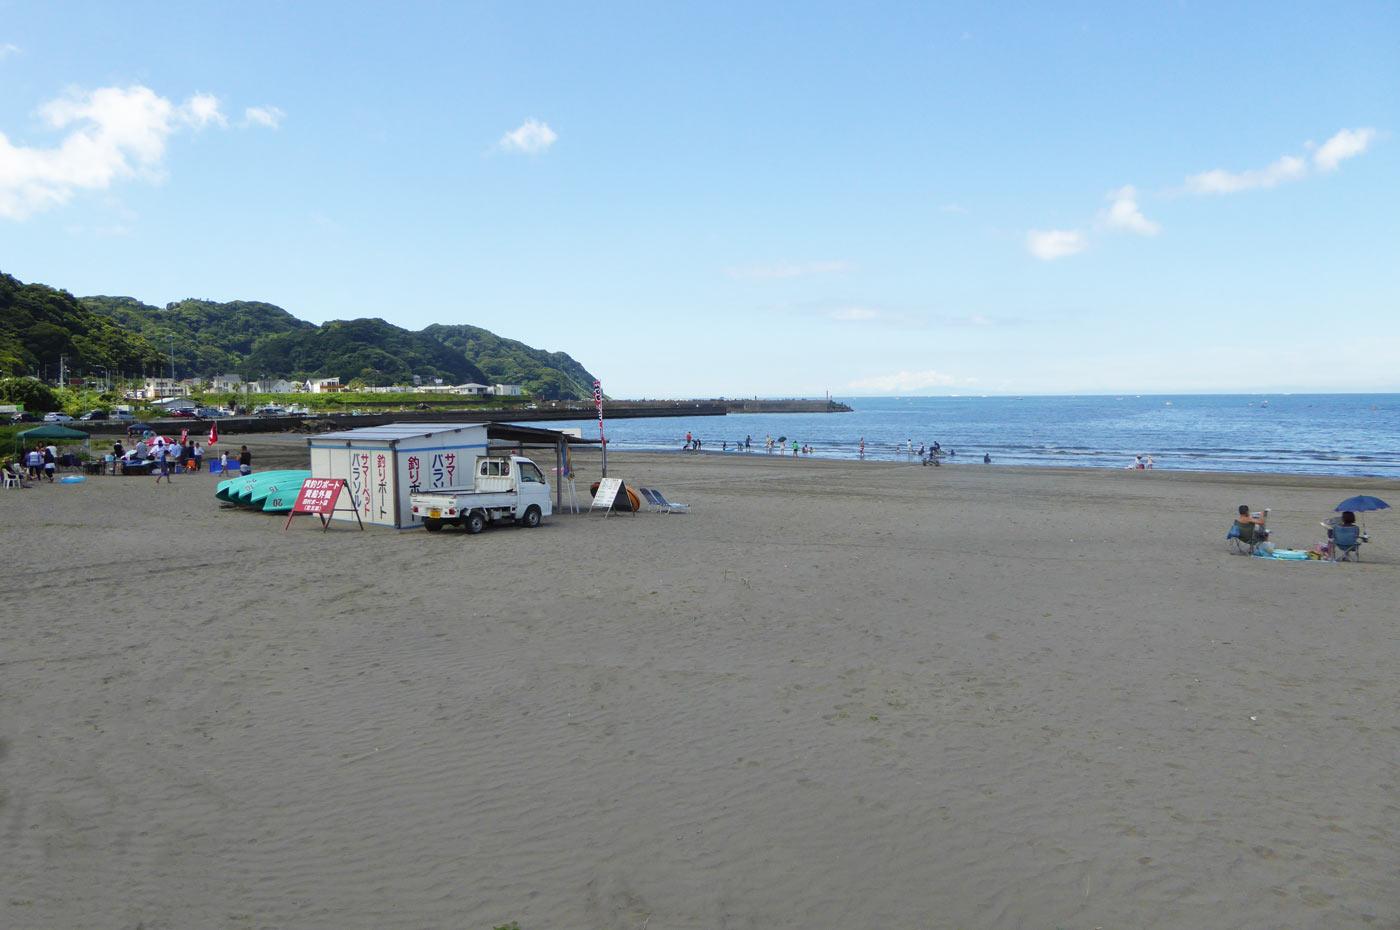 岩井海岸のレンタルボートの画像